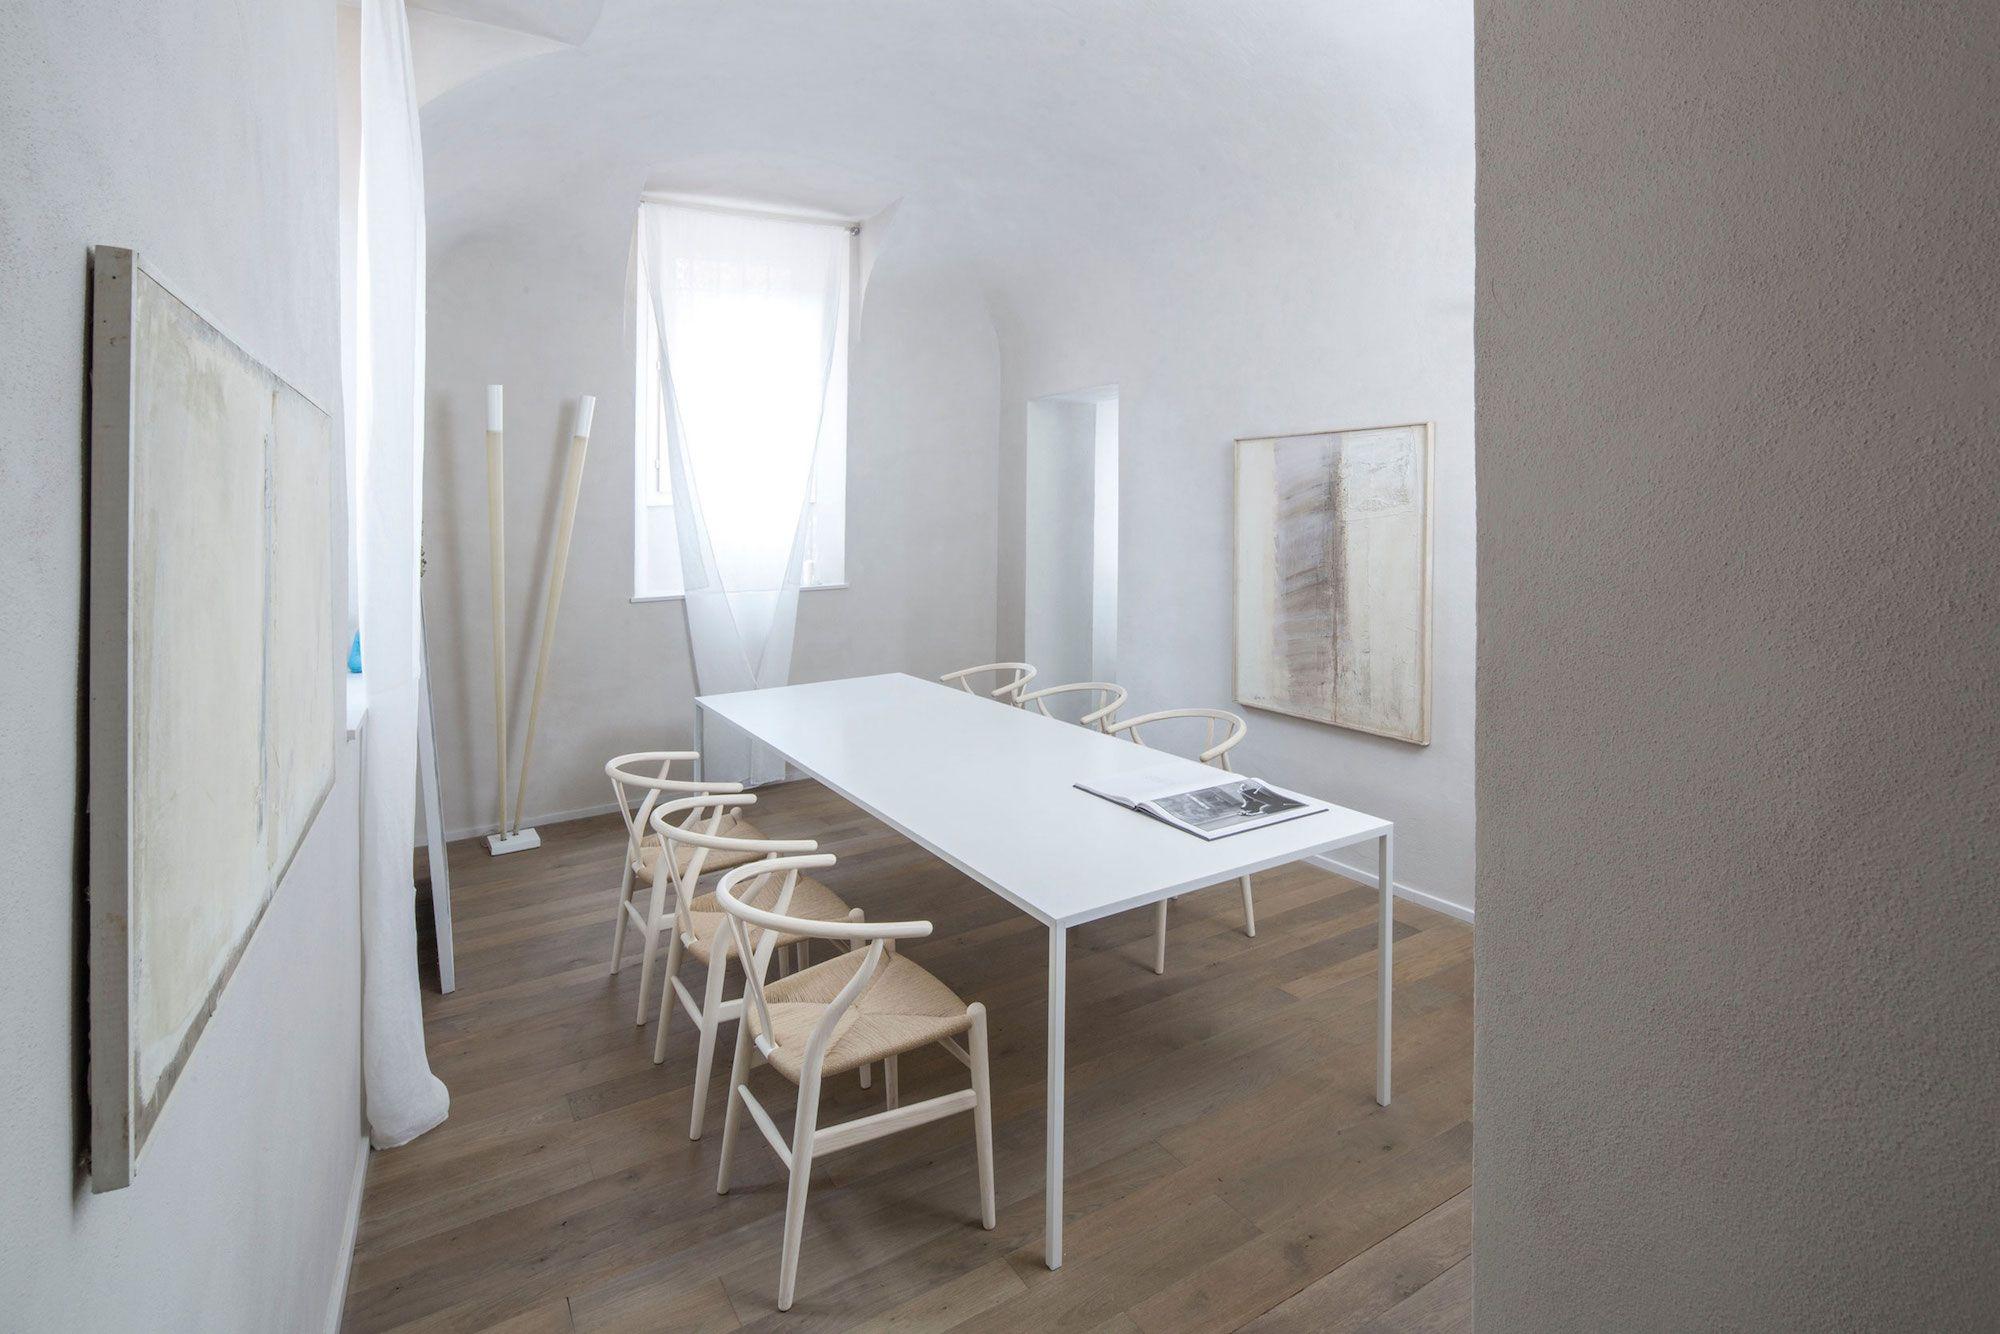 Apartment-in-Piacenza-06